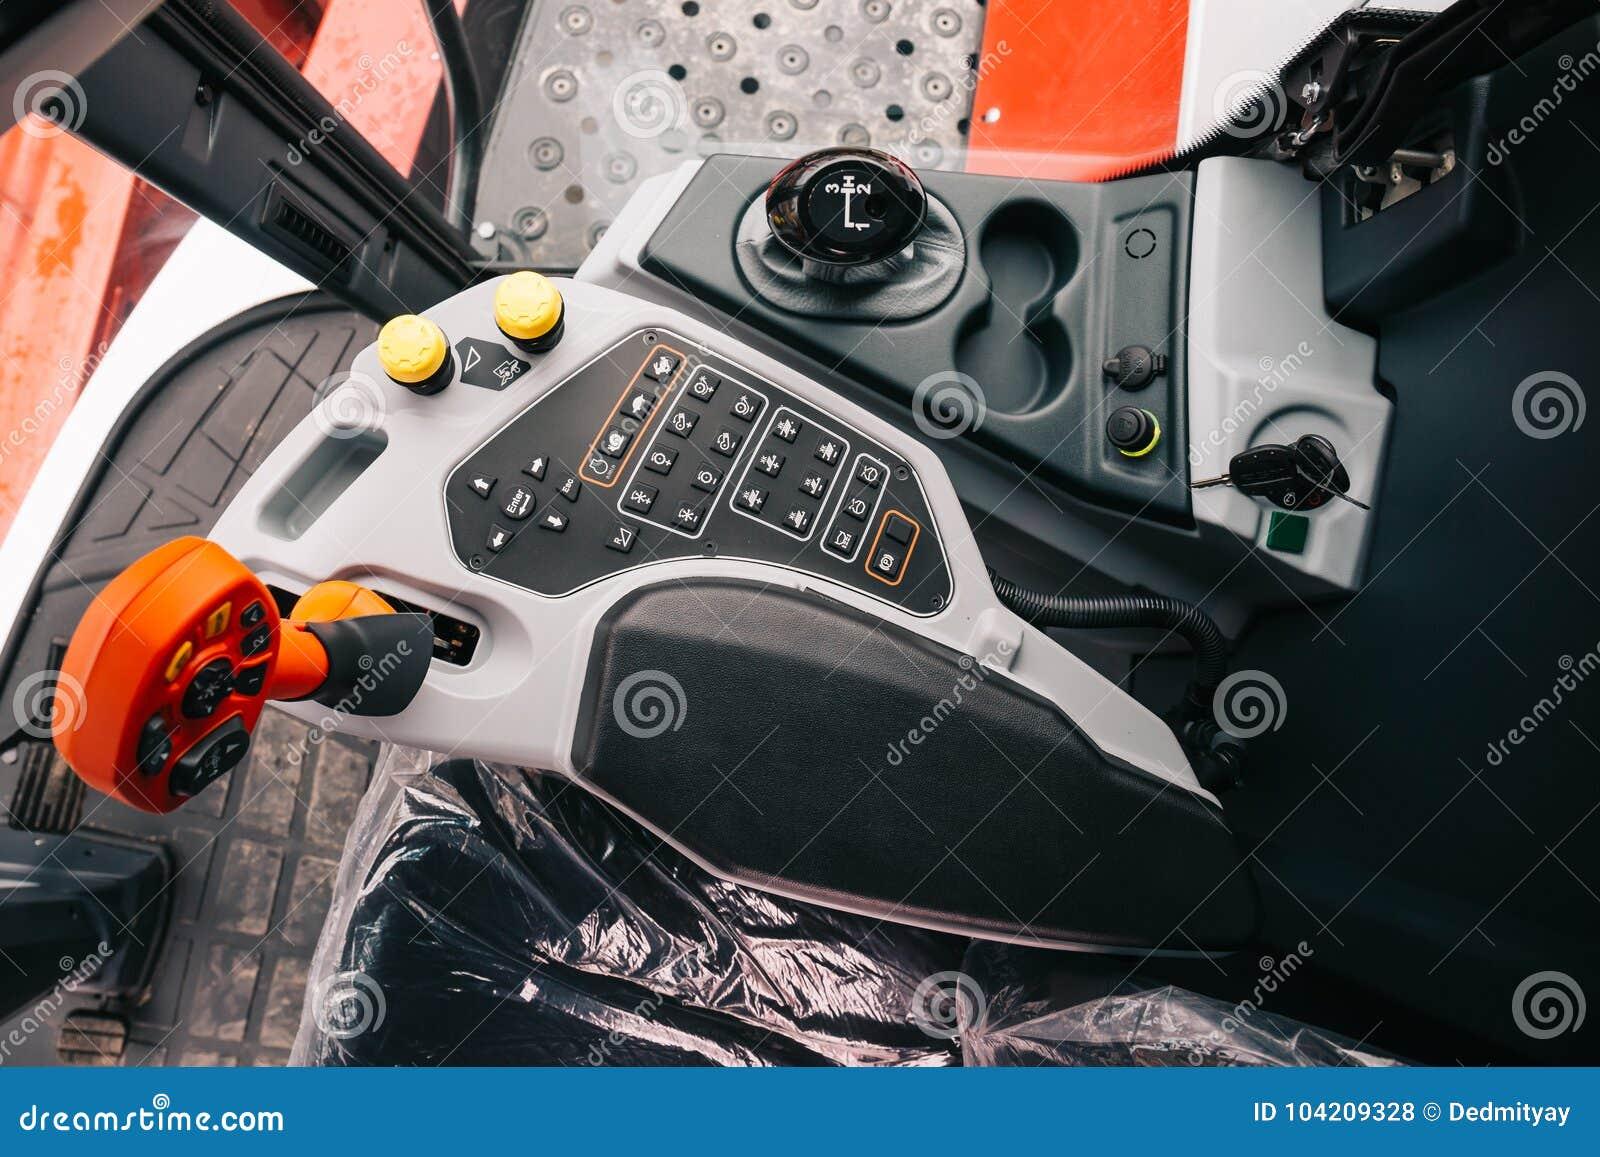 Μηχανή θεριστικών μηχανών μέσα στην καμπίνα, πίνακας ελέγχου, μοχλοί, νέο σύγχρονο εσωτερικό οχημάτων γεωργικών τρακτέρ